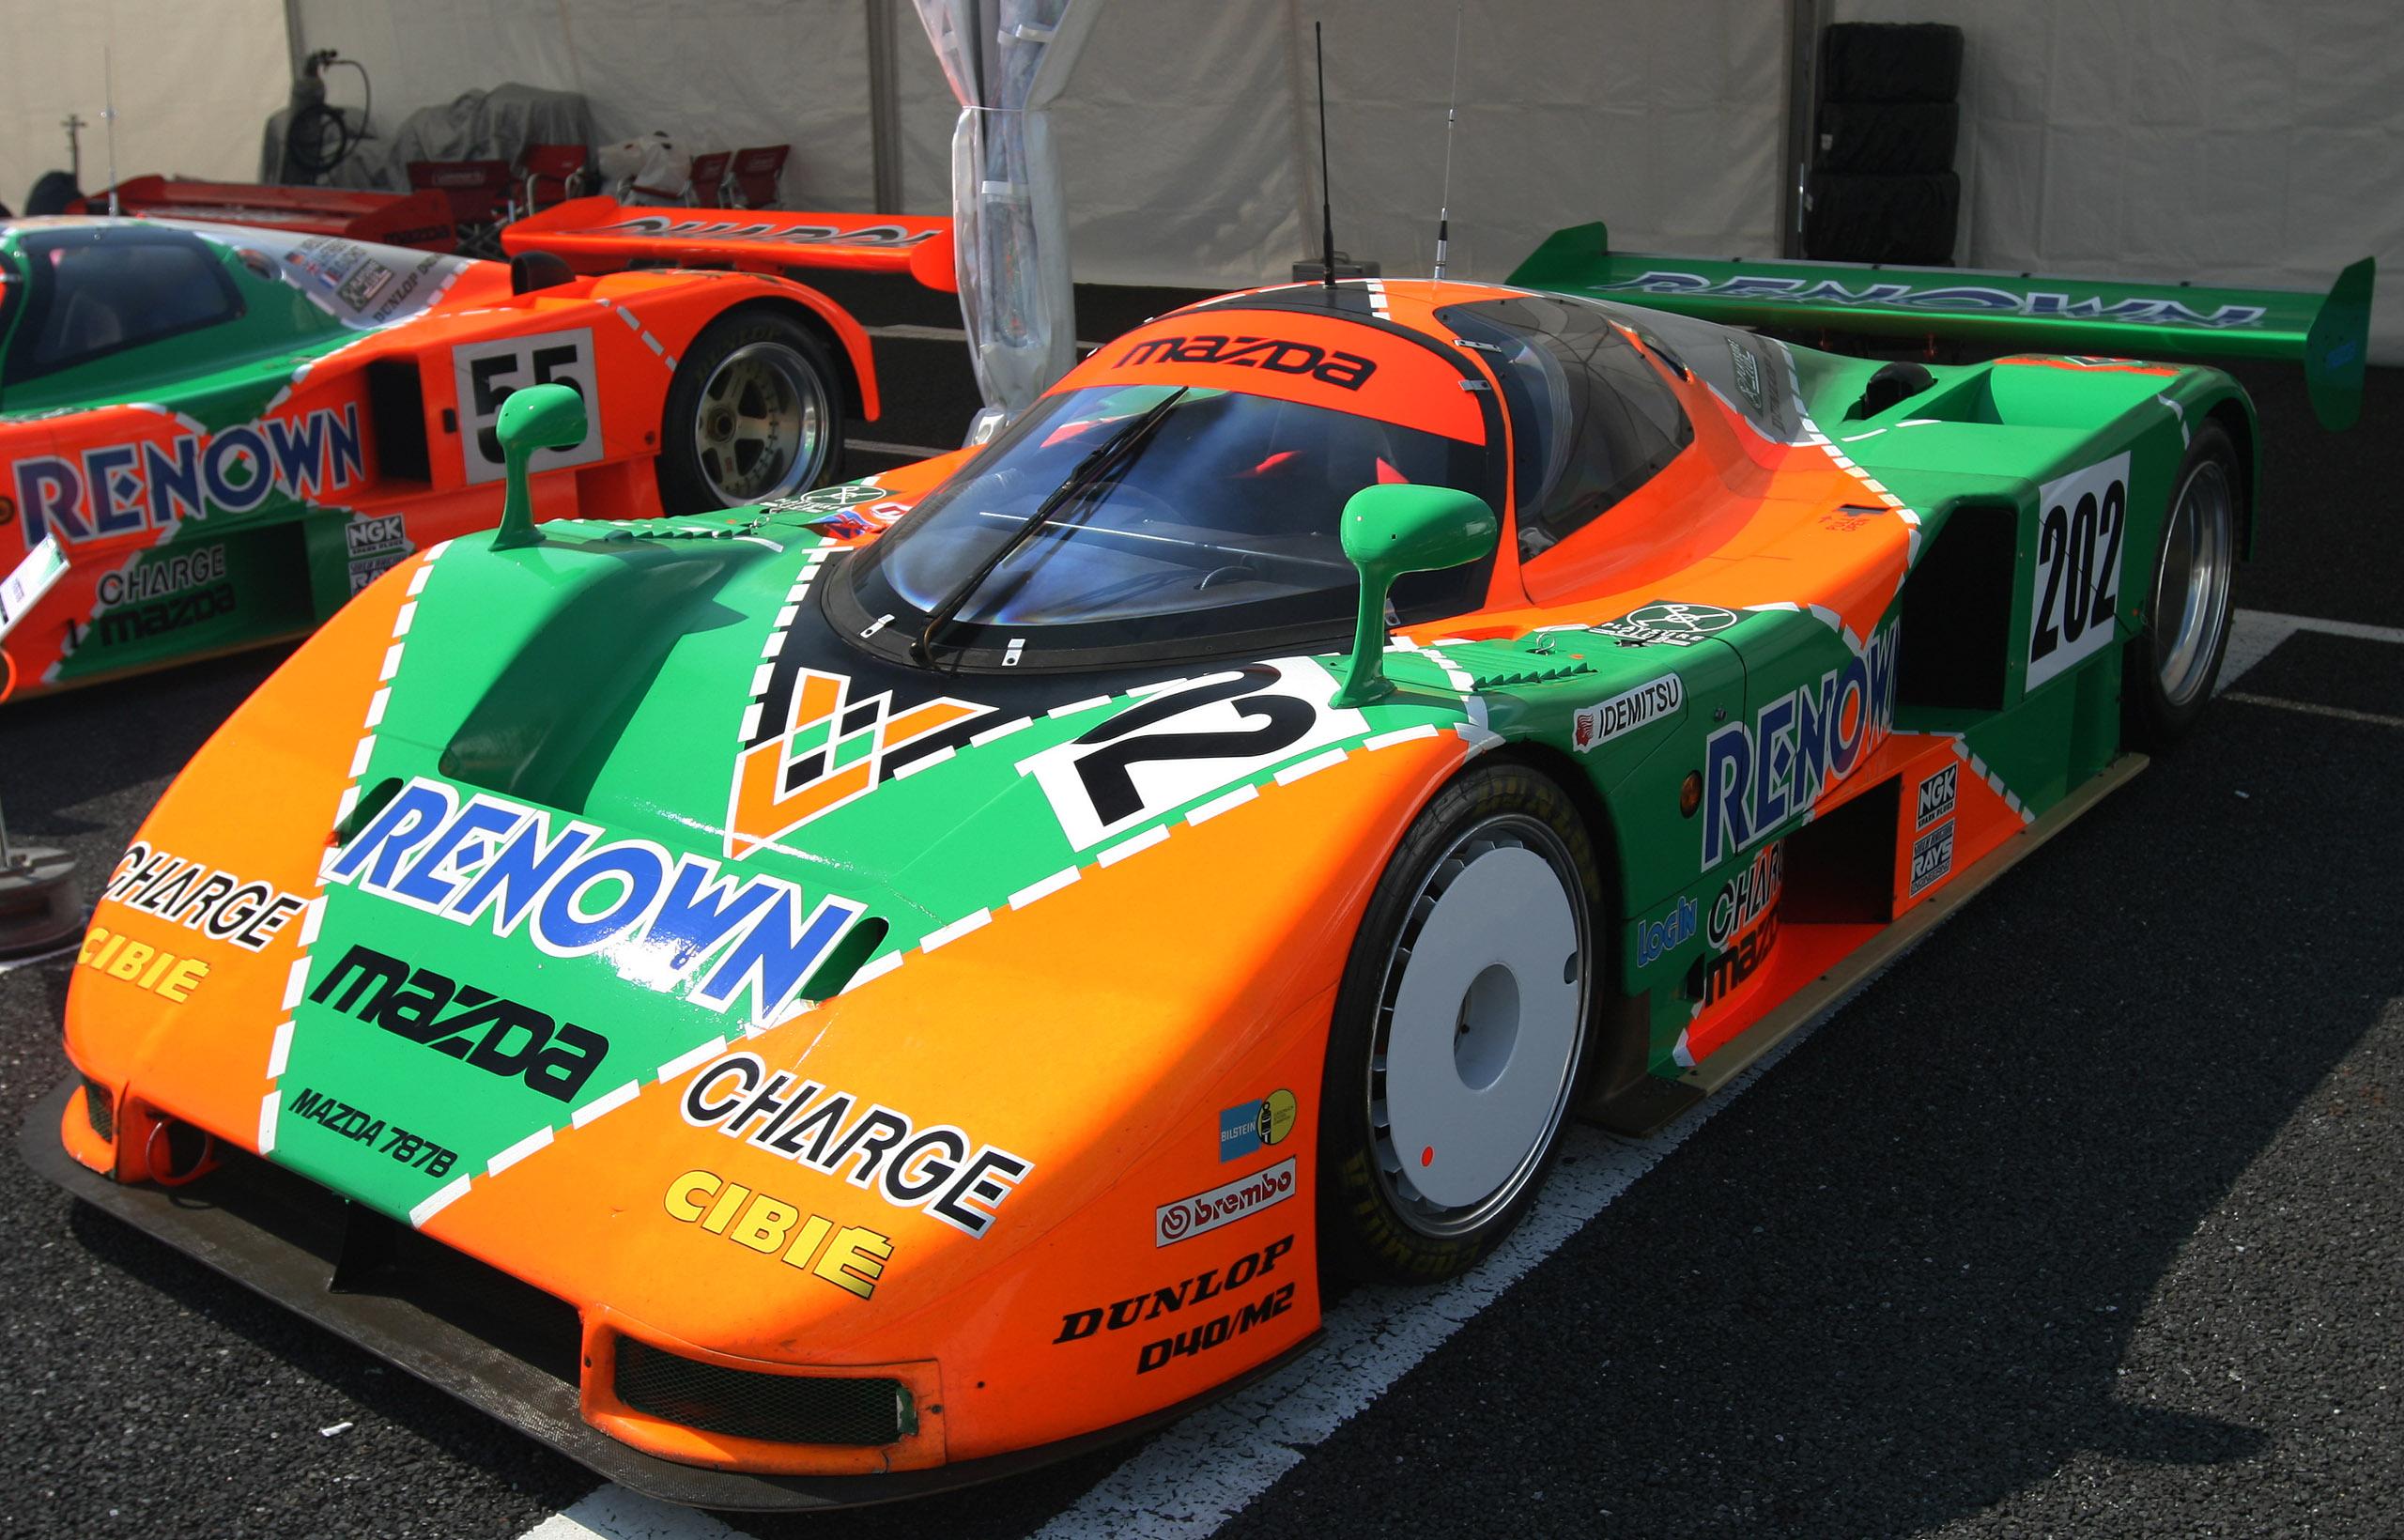 Mazda Le Mans racecar